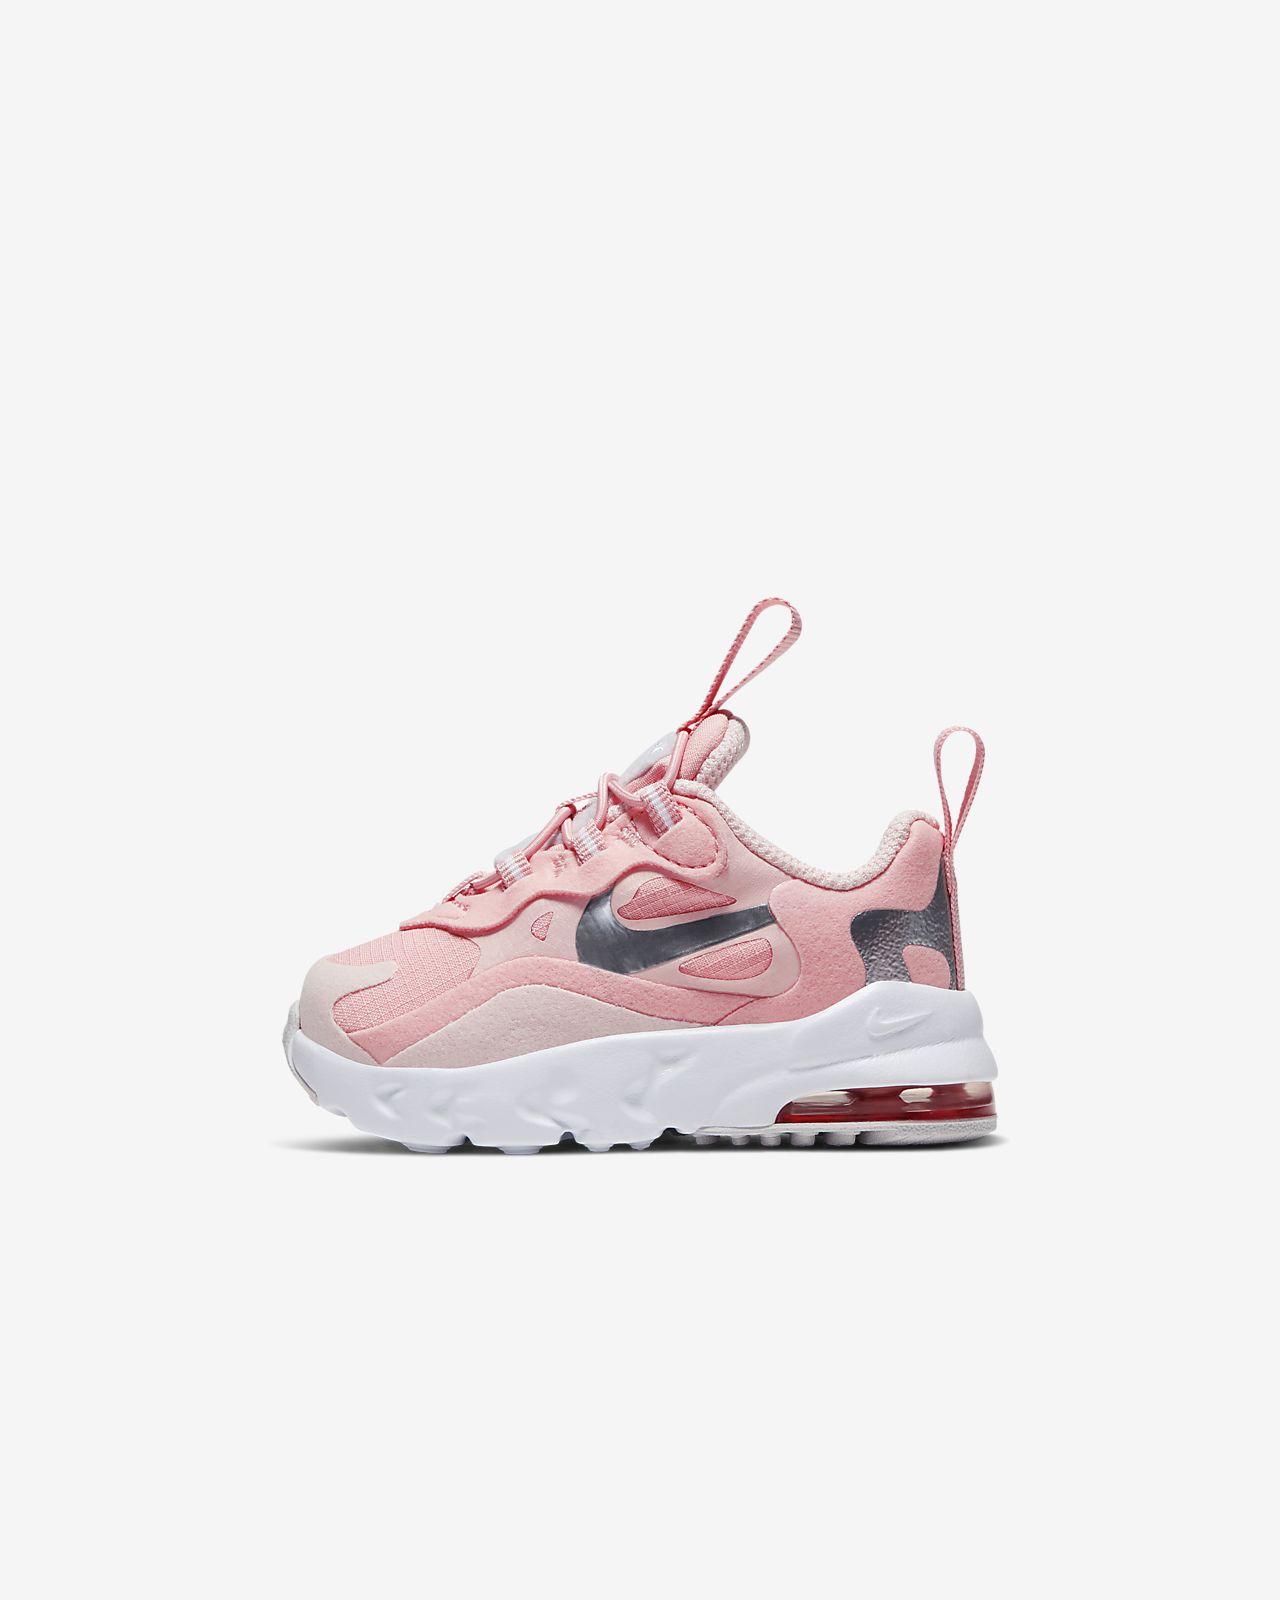 Nike Air Max 270 RT Baby &Toddler Shoe